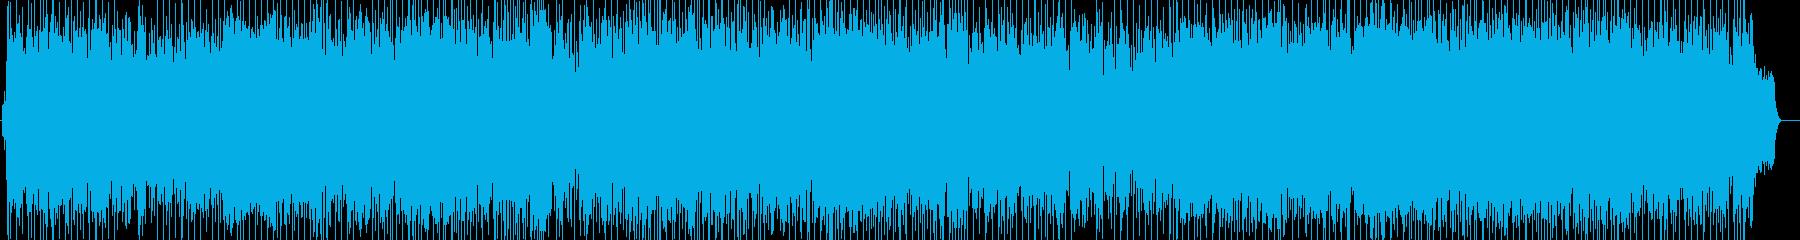 明るい、楽しい、情報、わくわくの再生済みの波形